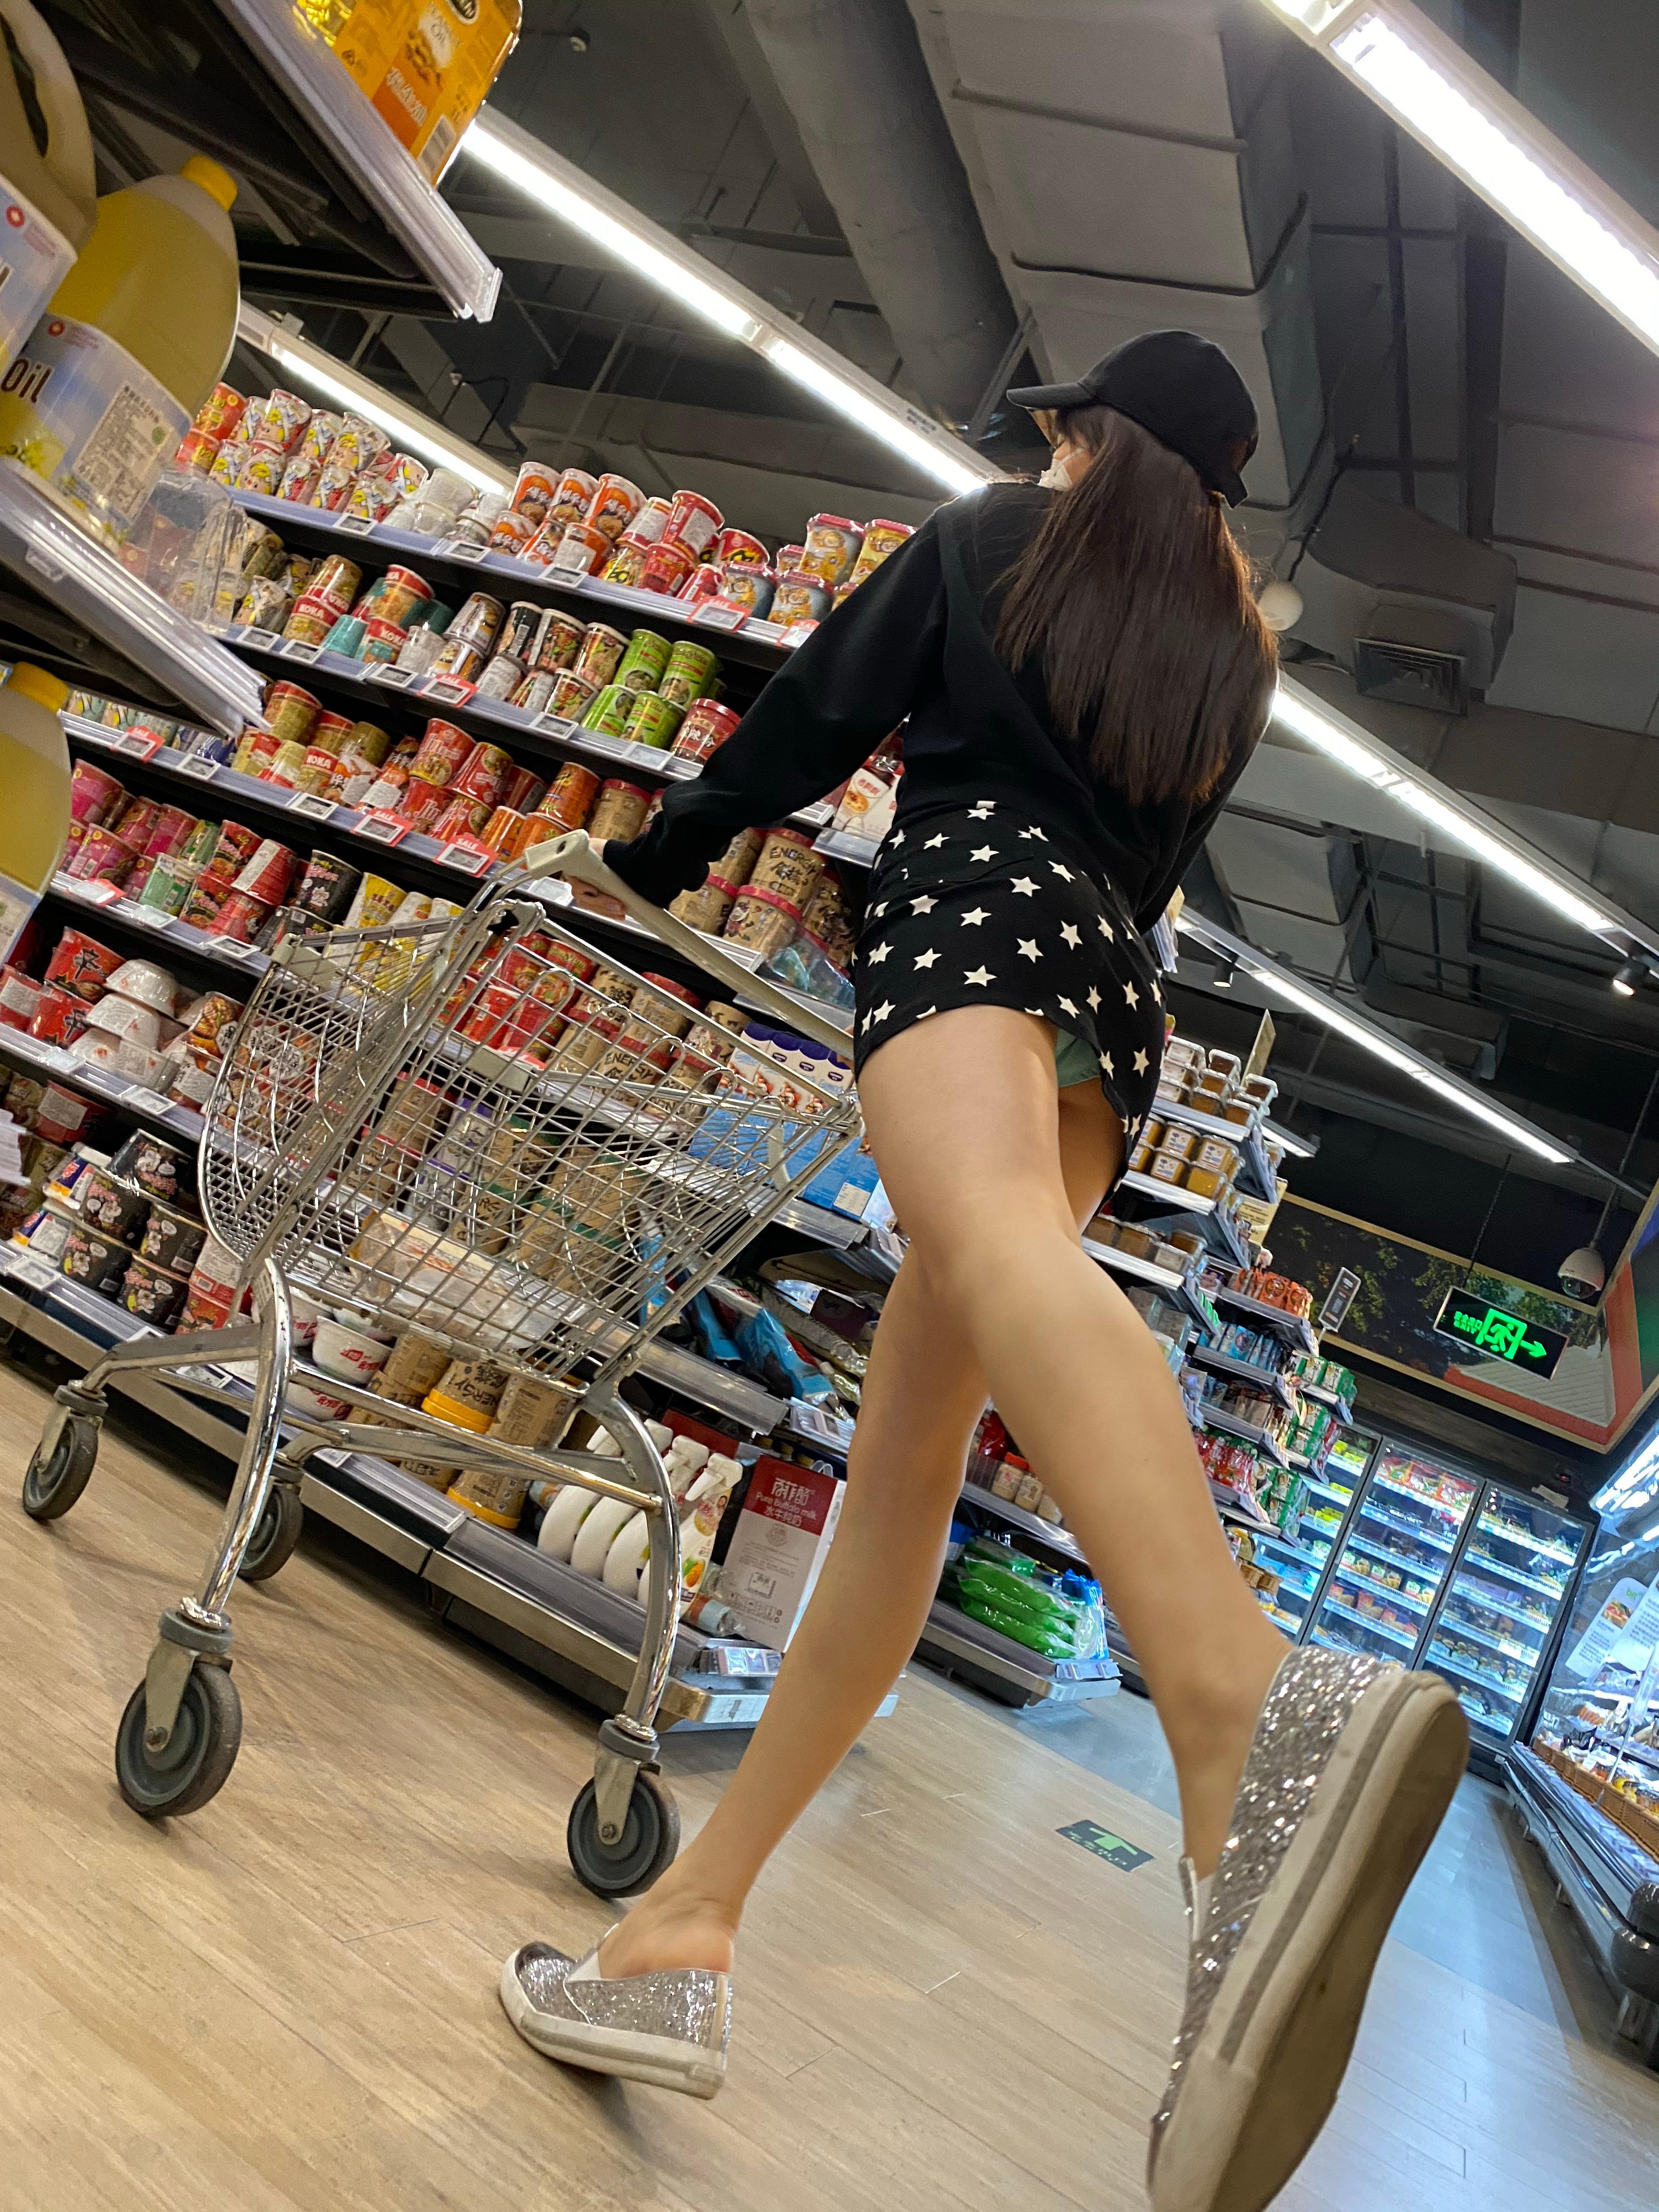 这个时间段超市里空荡荡的 妹子